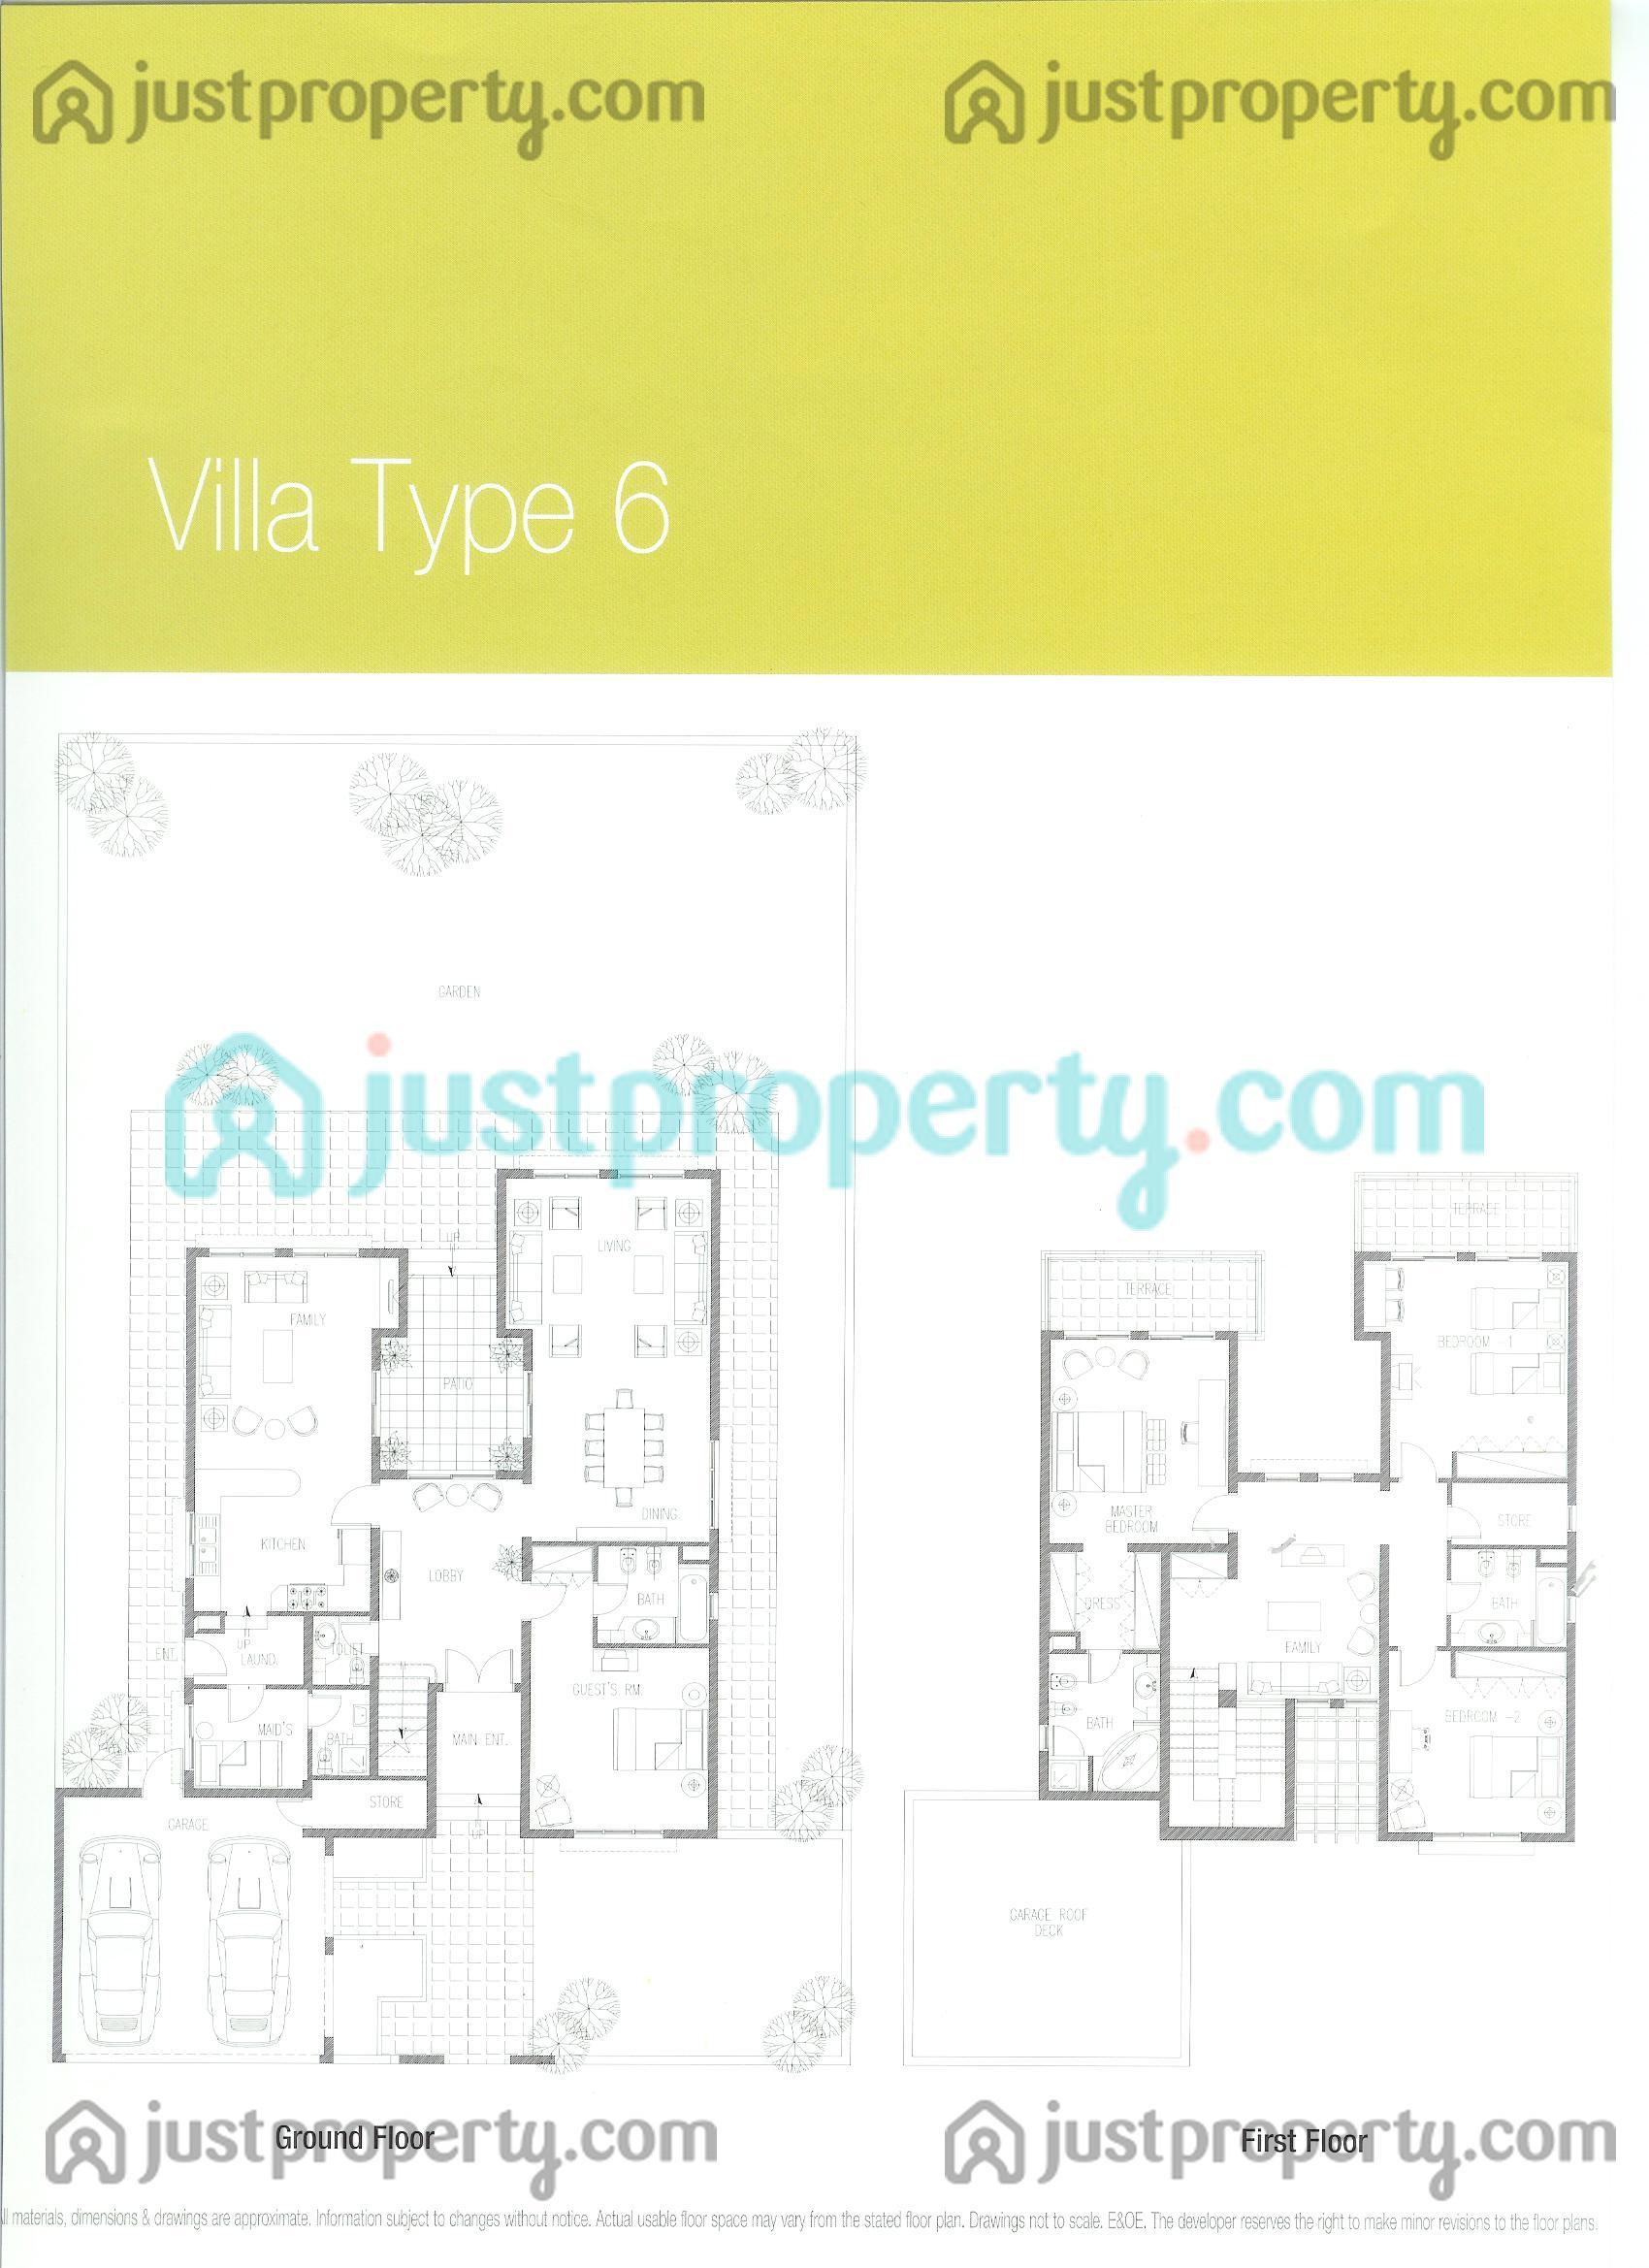 meadows villas floor plans justproperty com